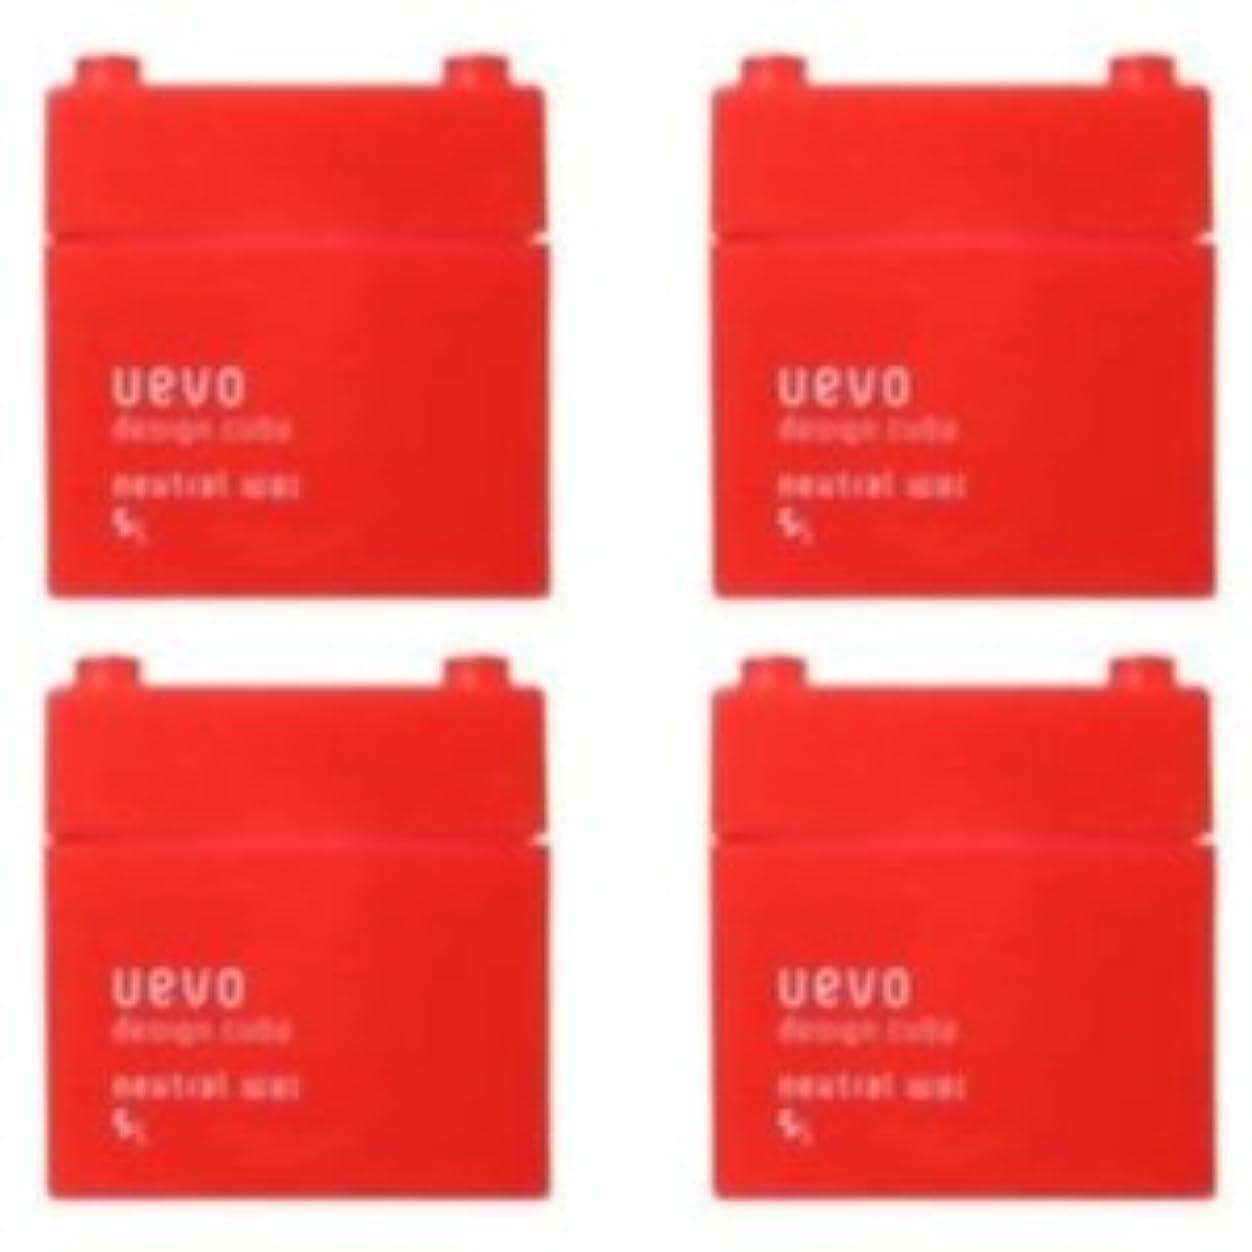 性差別明らかに揃える【X4個セット】 デミ ウェーボ デザインキューブ ニュートラルワックス 80g neutral wax DEMI uevo design cube